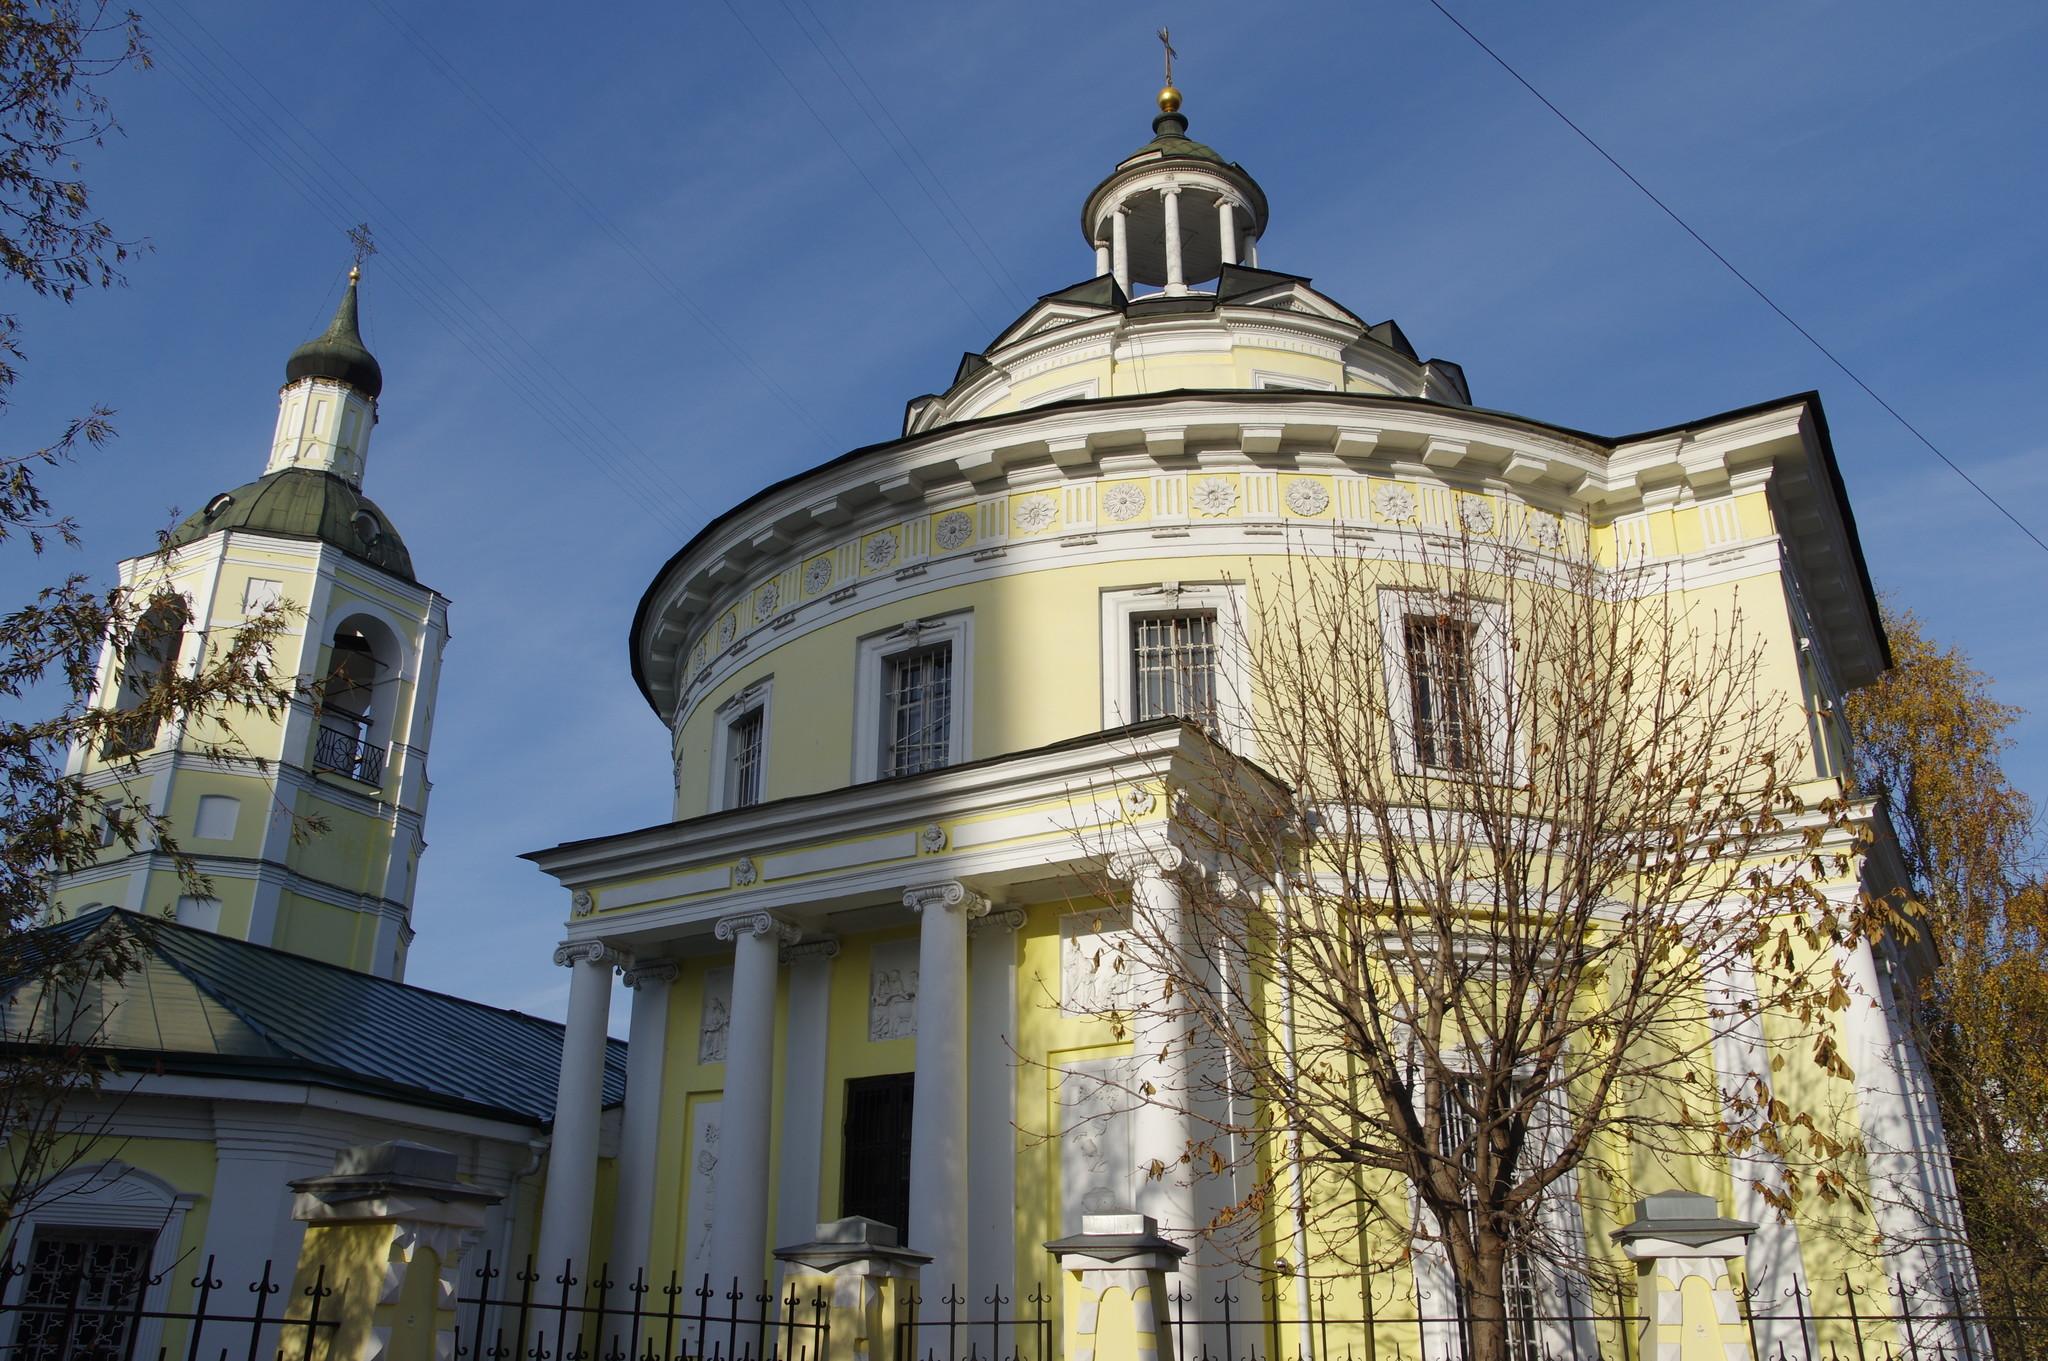 Храм святителя Филиппа митрополита Московского в Мещанской Слободе (улица Гиляровского, дом 35)